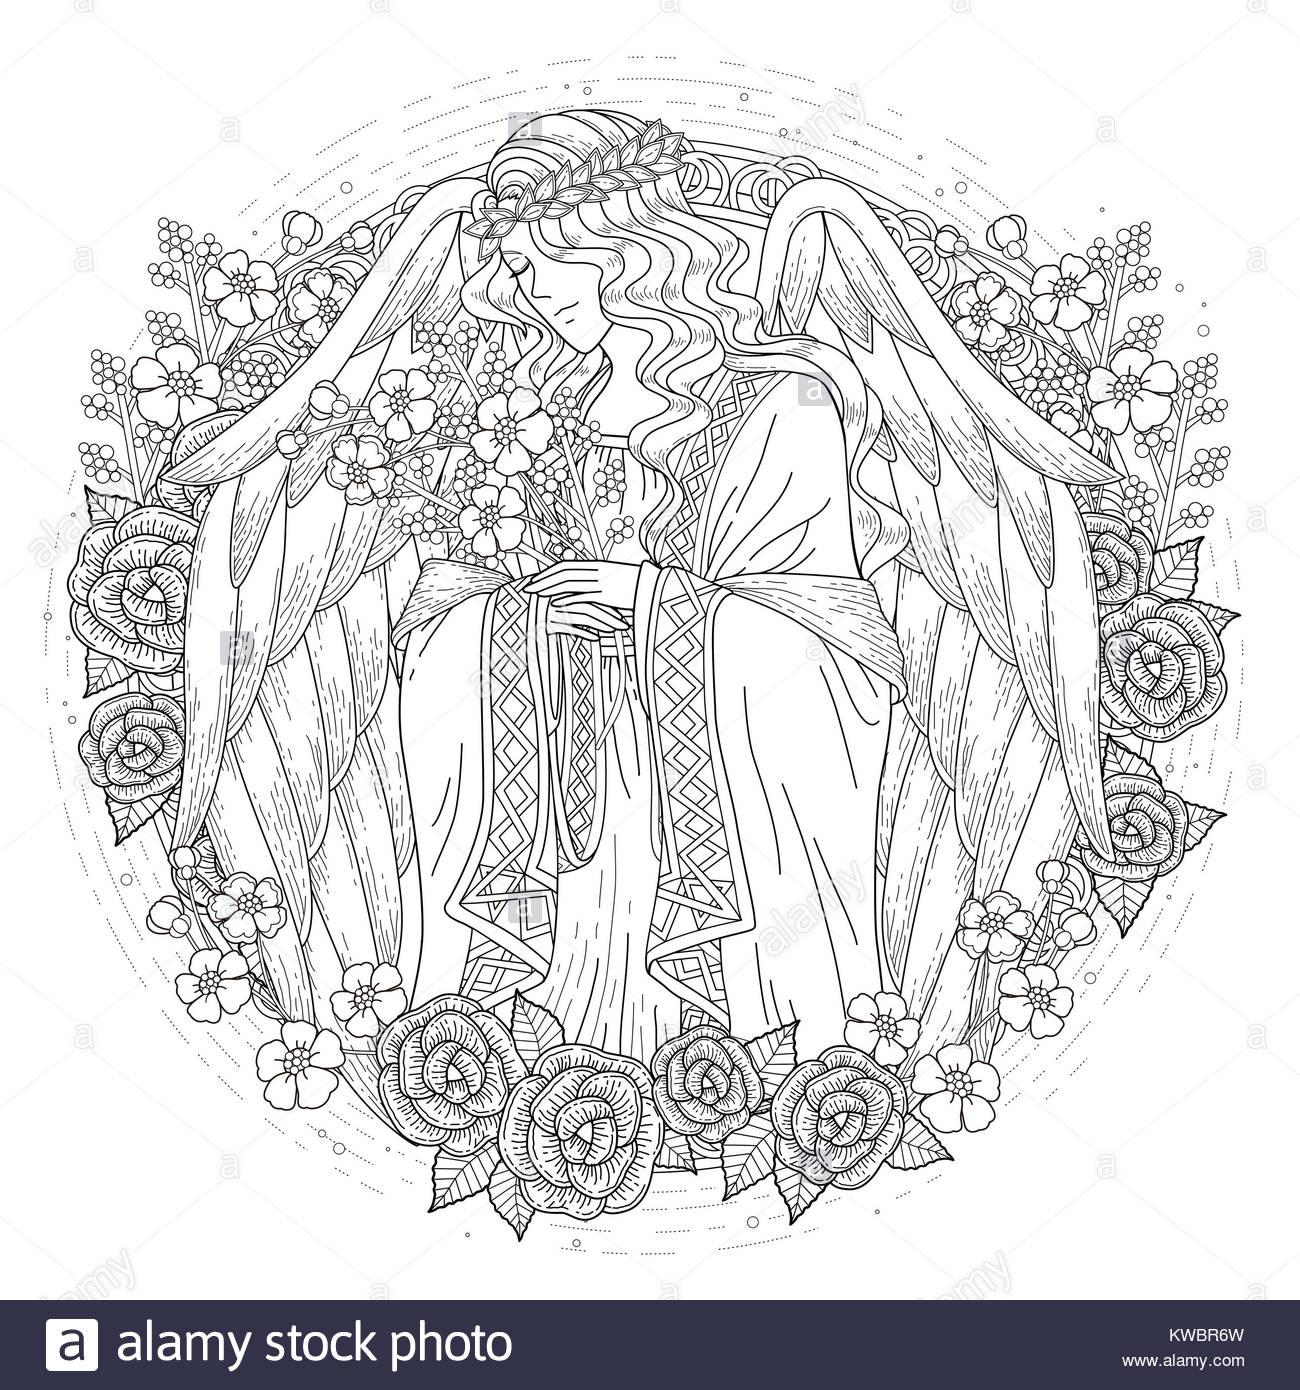 anmutigen Engel Malvorlagen mit floralen Elementen in exquisiten ...